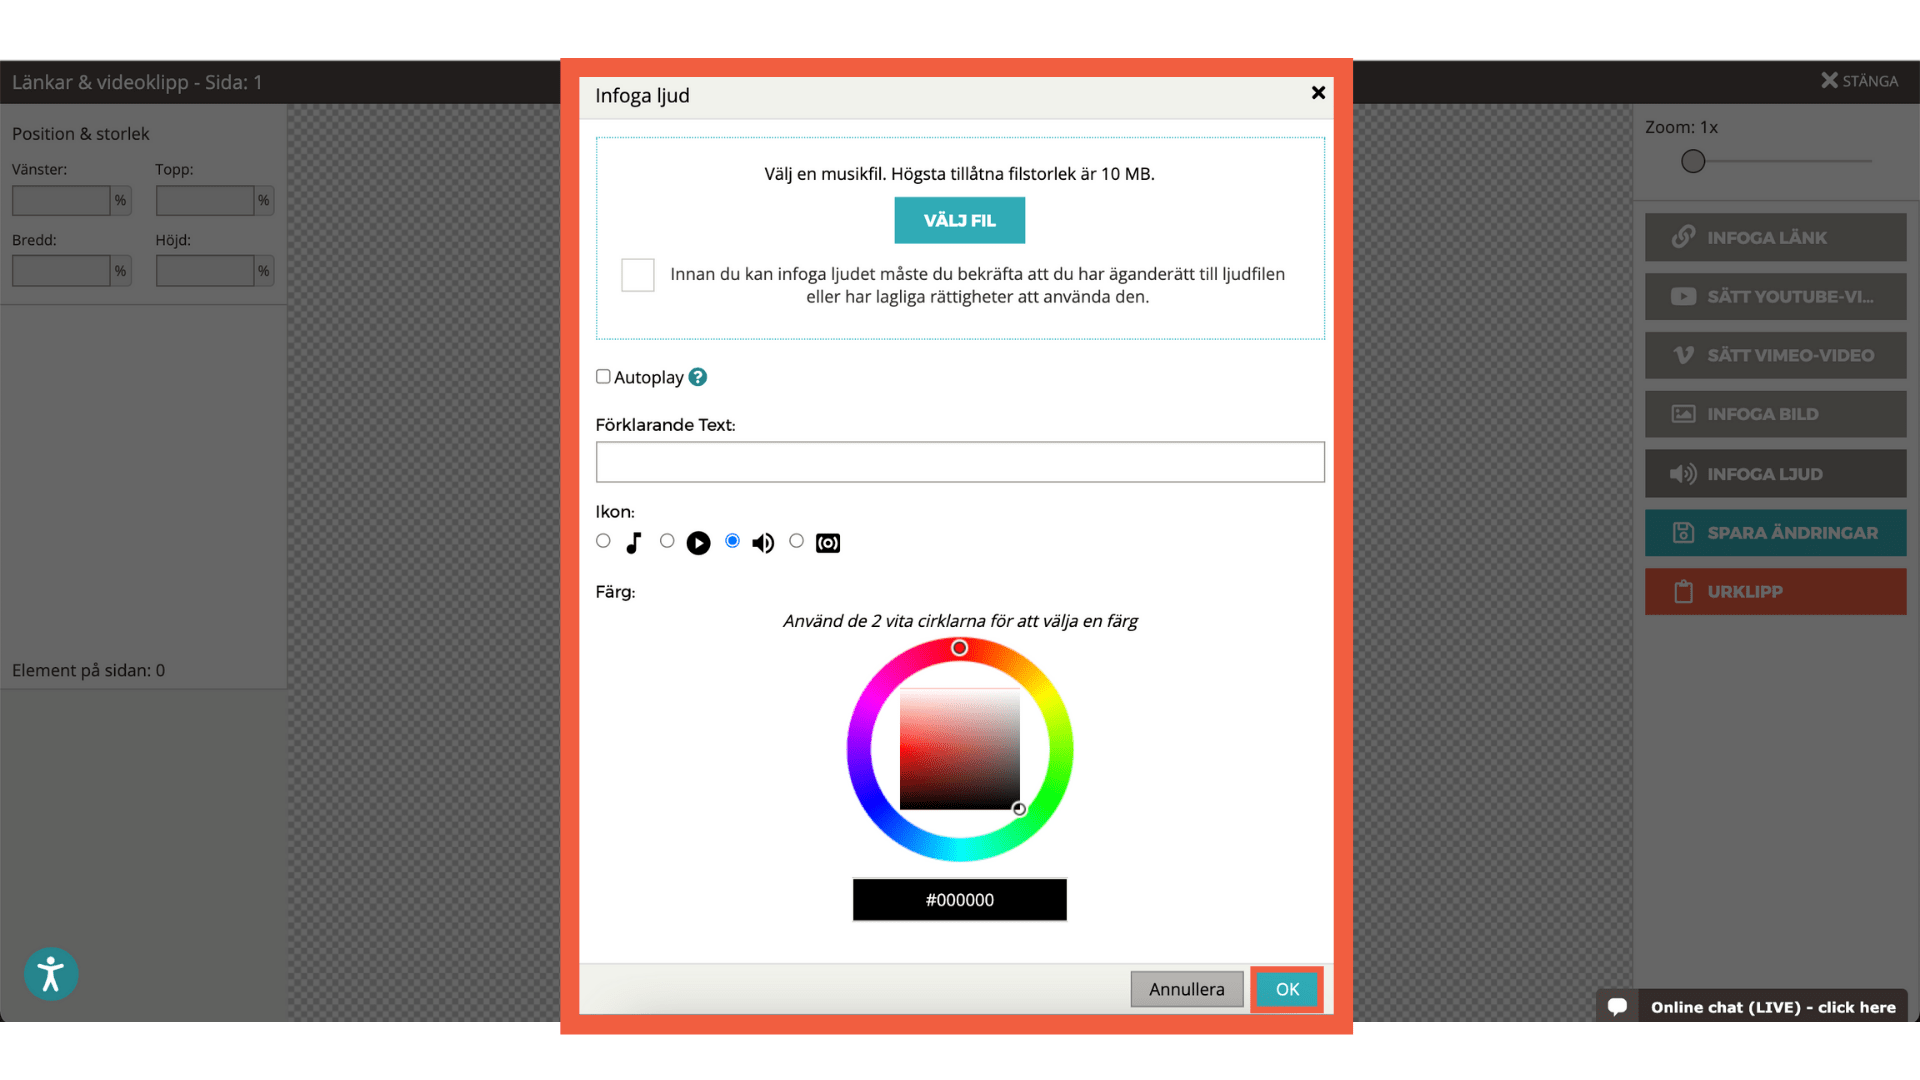 Skärmbild som visar de olika alternativen för att lägga till ljud i blädderboken (välj mp3-fil, iko